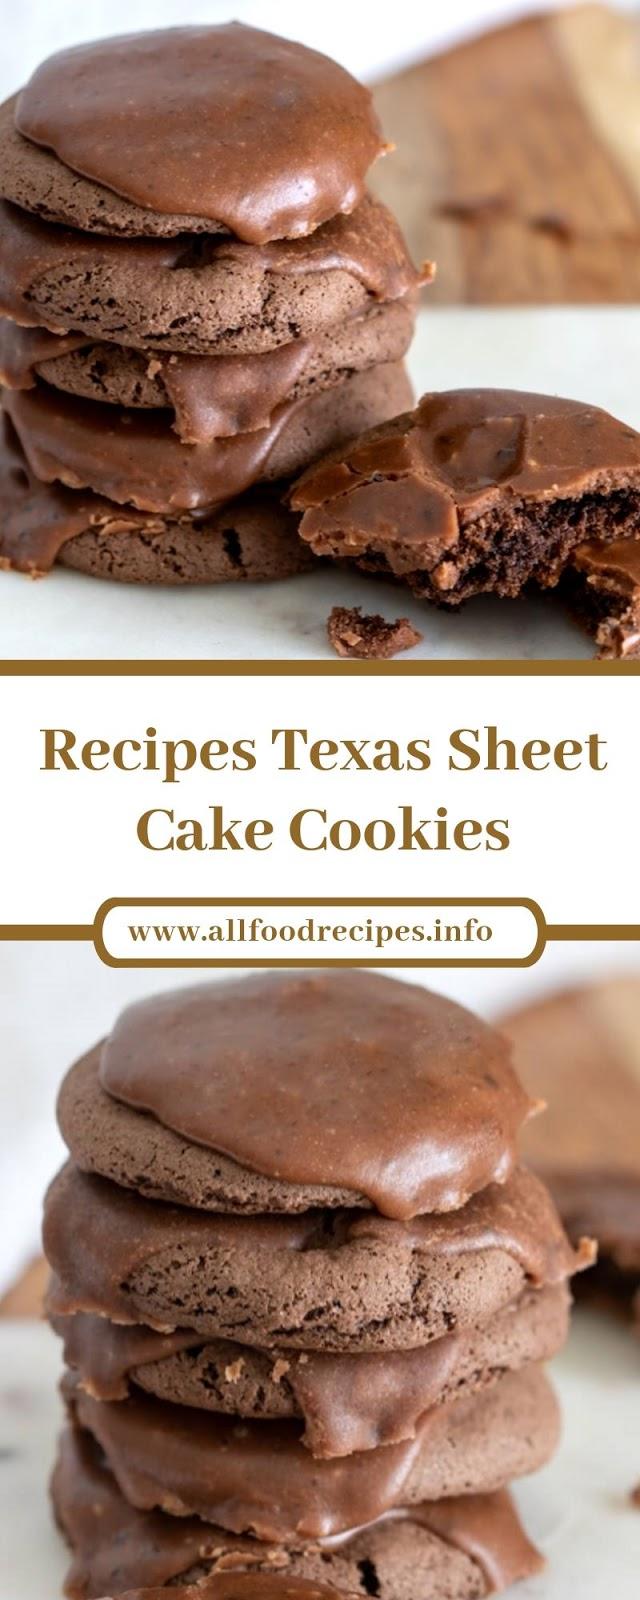 Recipes Texas Sheet Cake Cookies